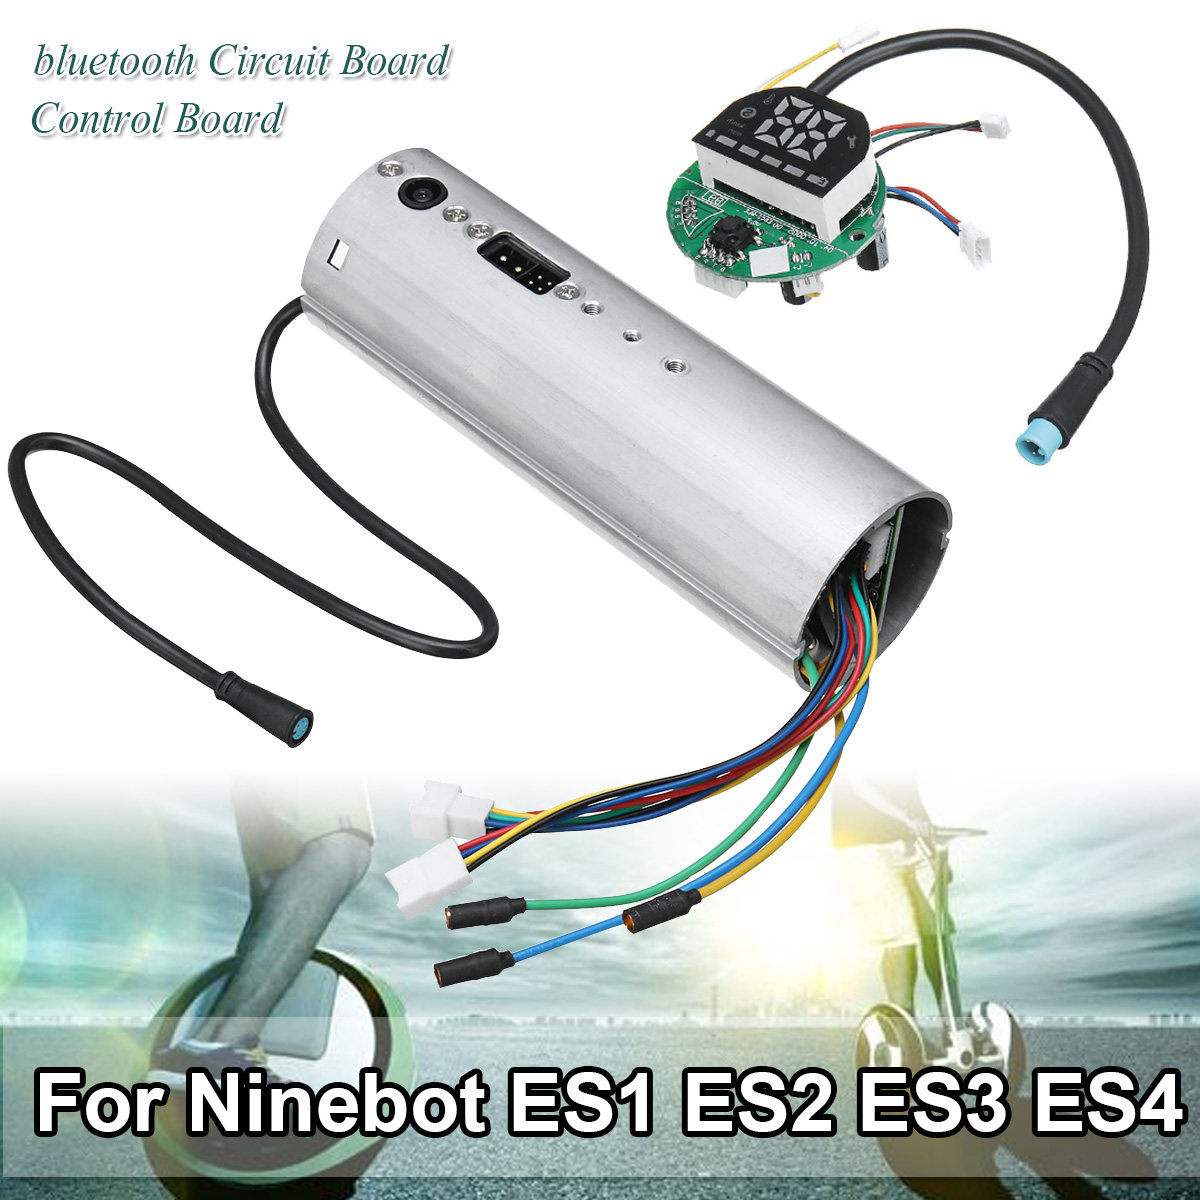 Scooter électrique bluetooth Circuit tableau de bord carte mère contrôleur pour Ninebot ES1 ES2 ES3 ES4 pièces de Scooter